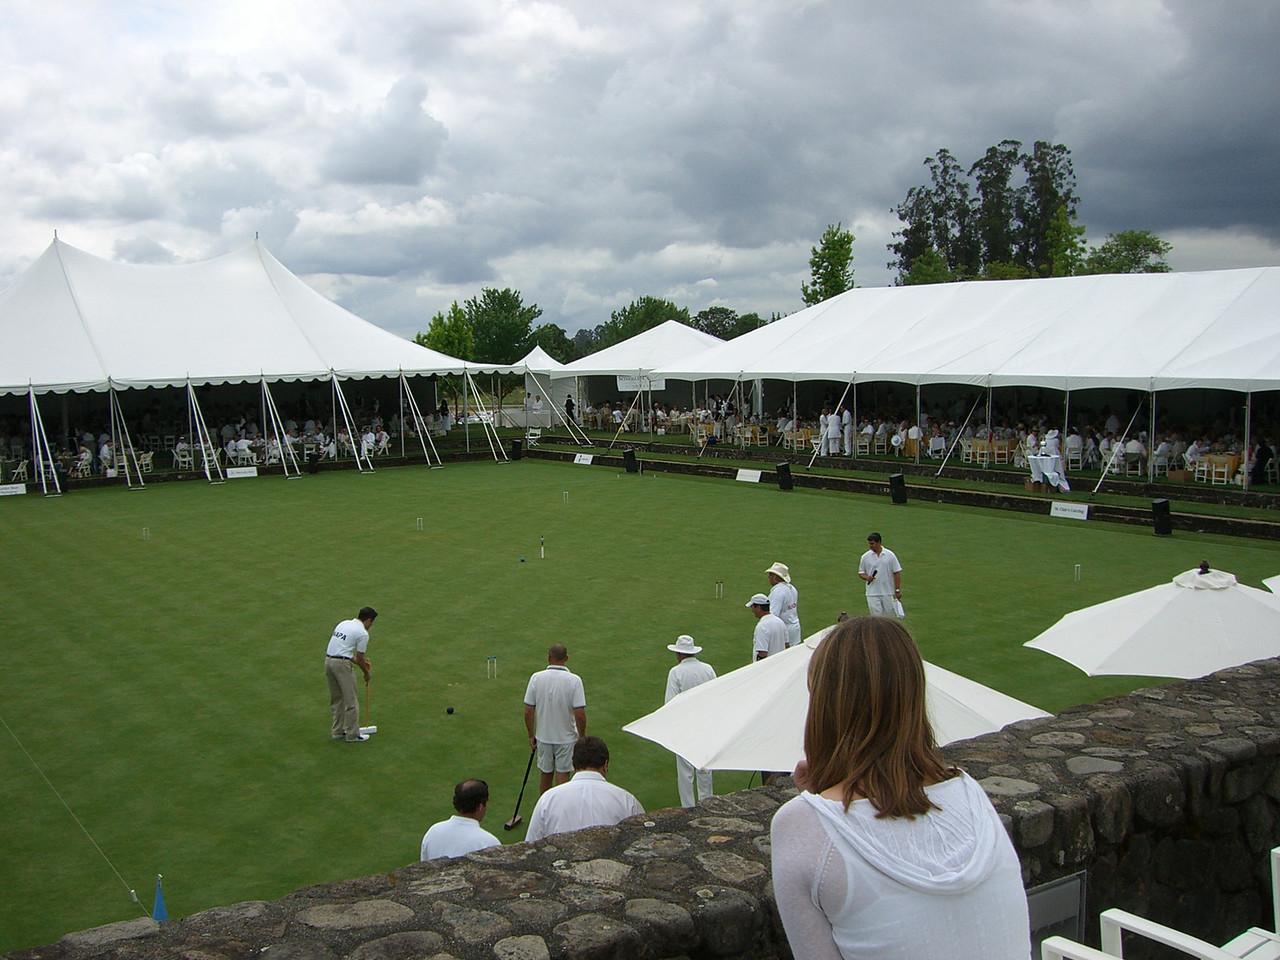 2006 05 20 Sat - Croquet Tournament 2